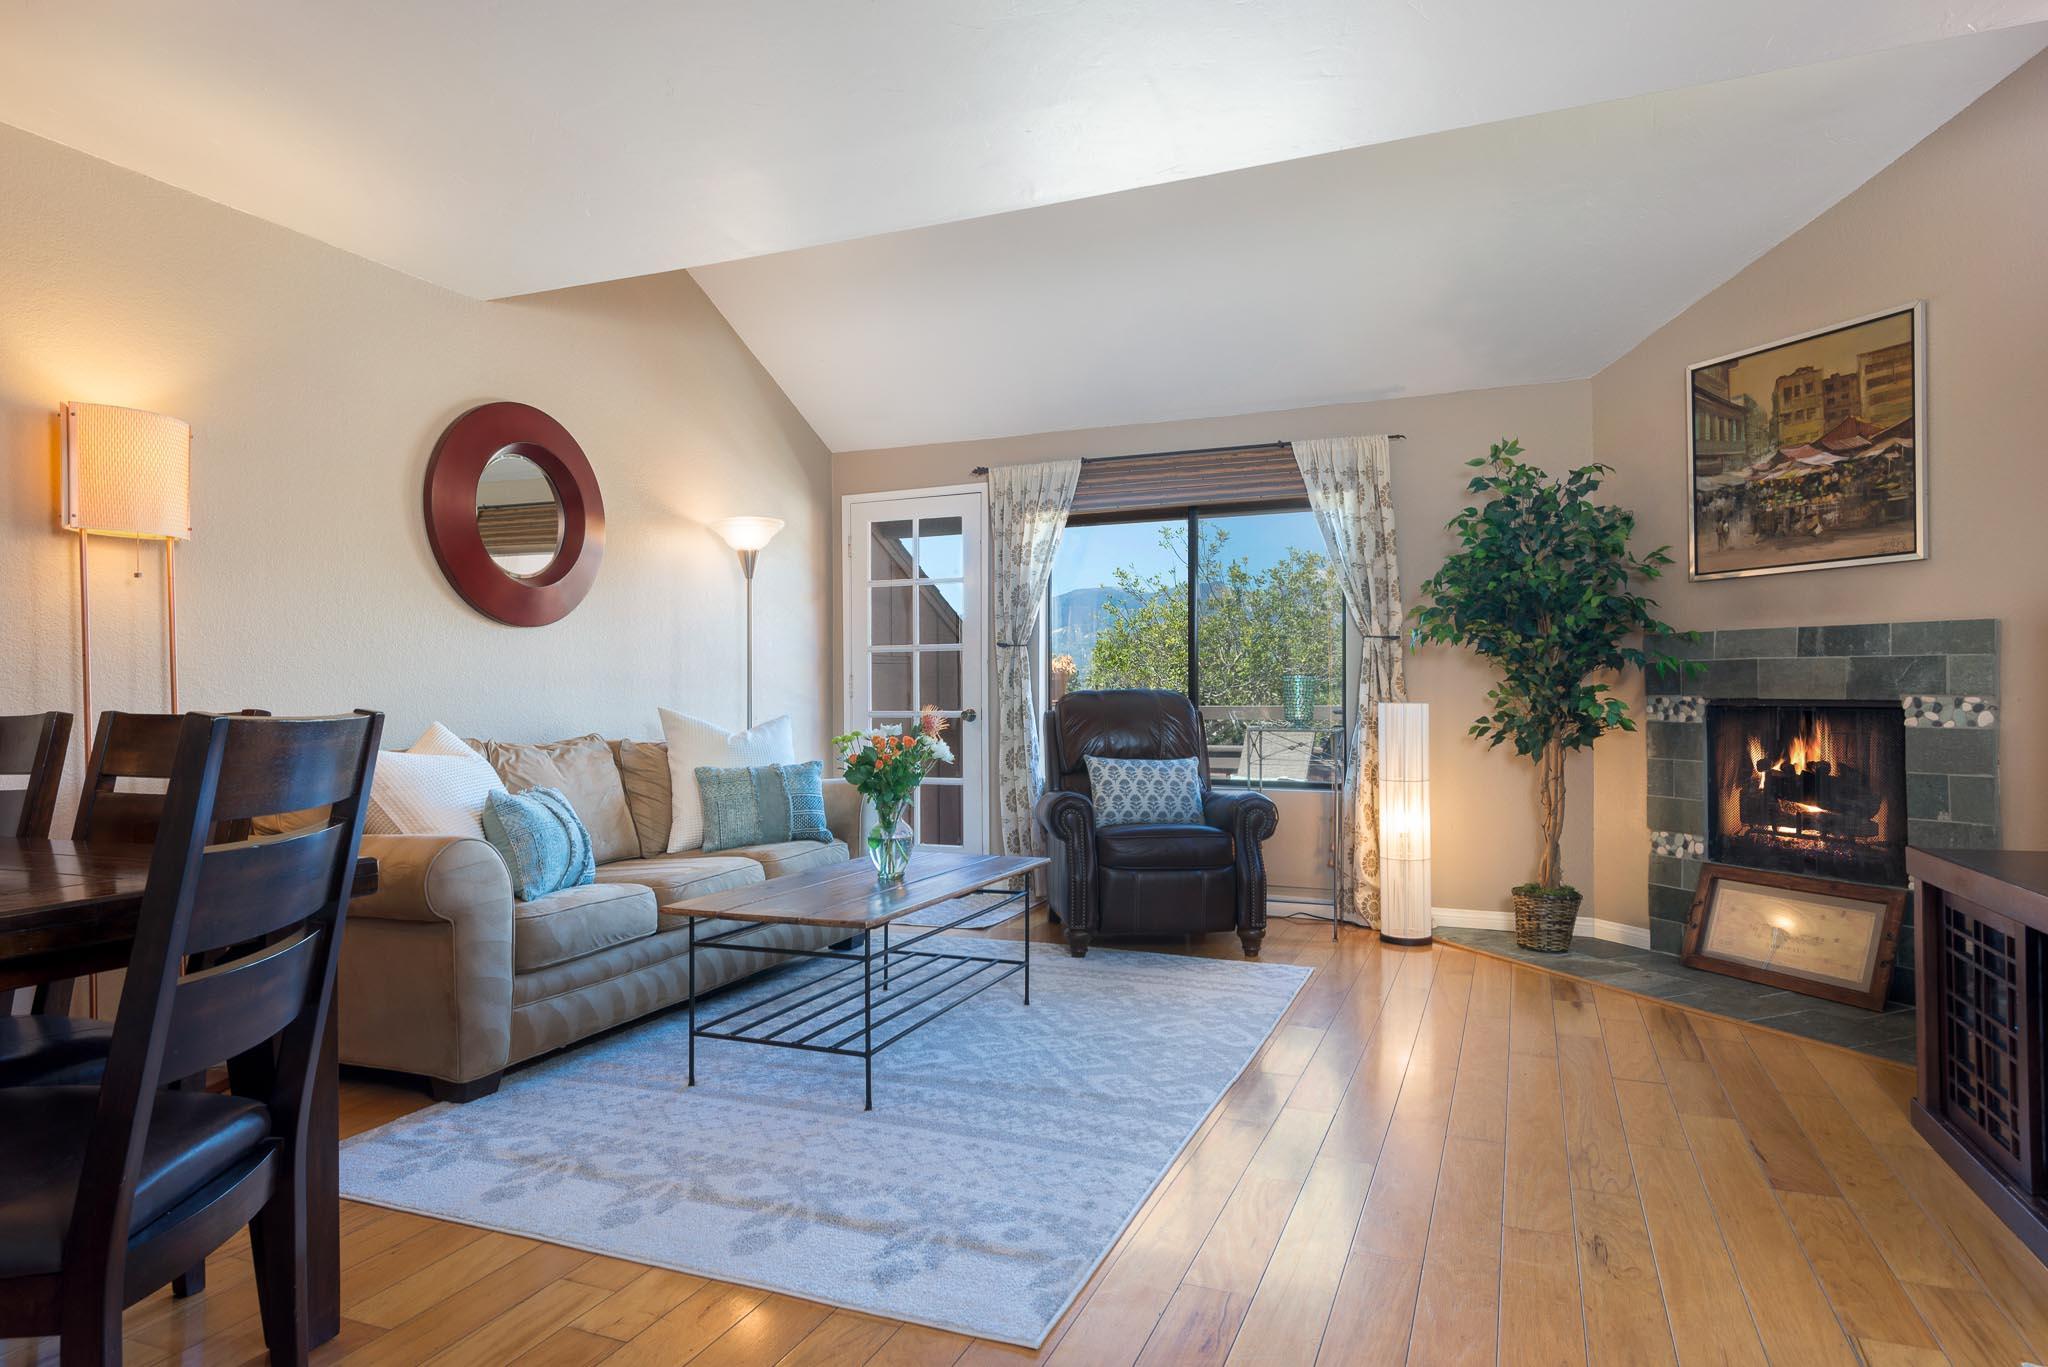 Property photo for 1050 Vista Del Pueblo #2 Santa Barbara, California 93101 - 17-1074